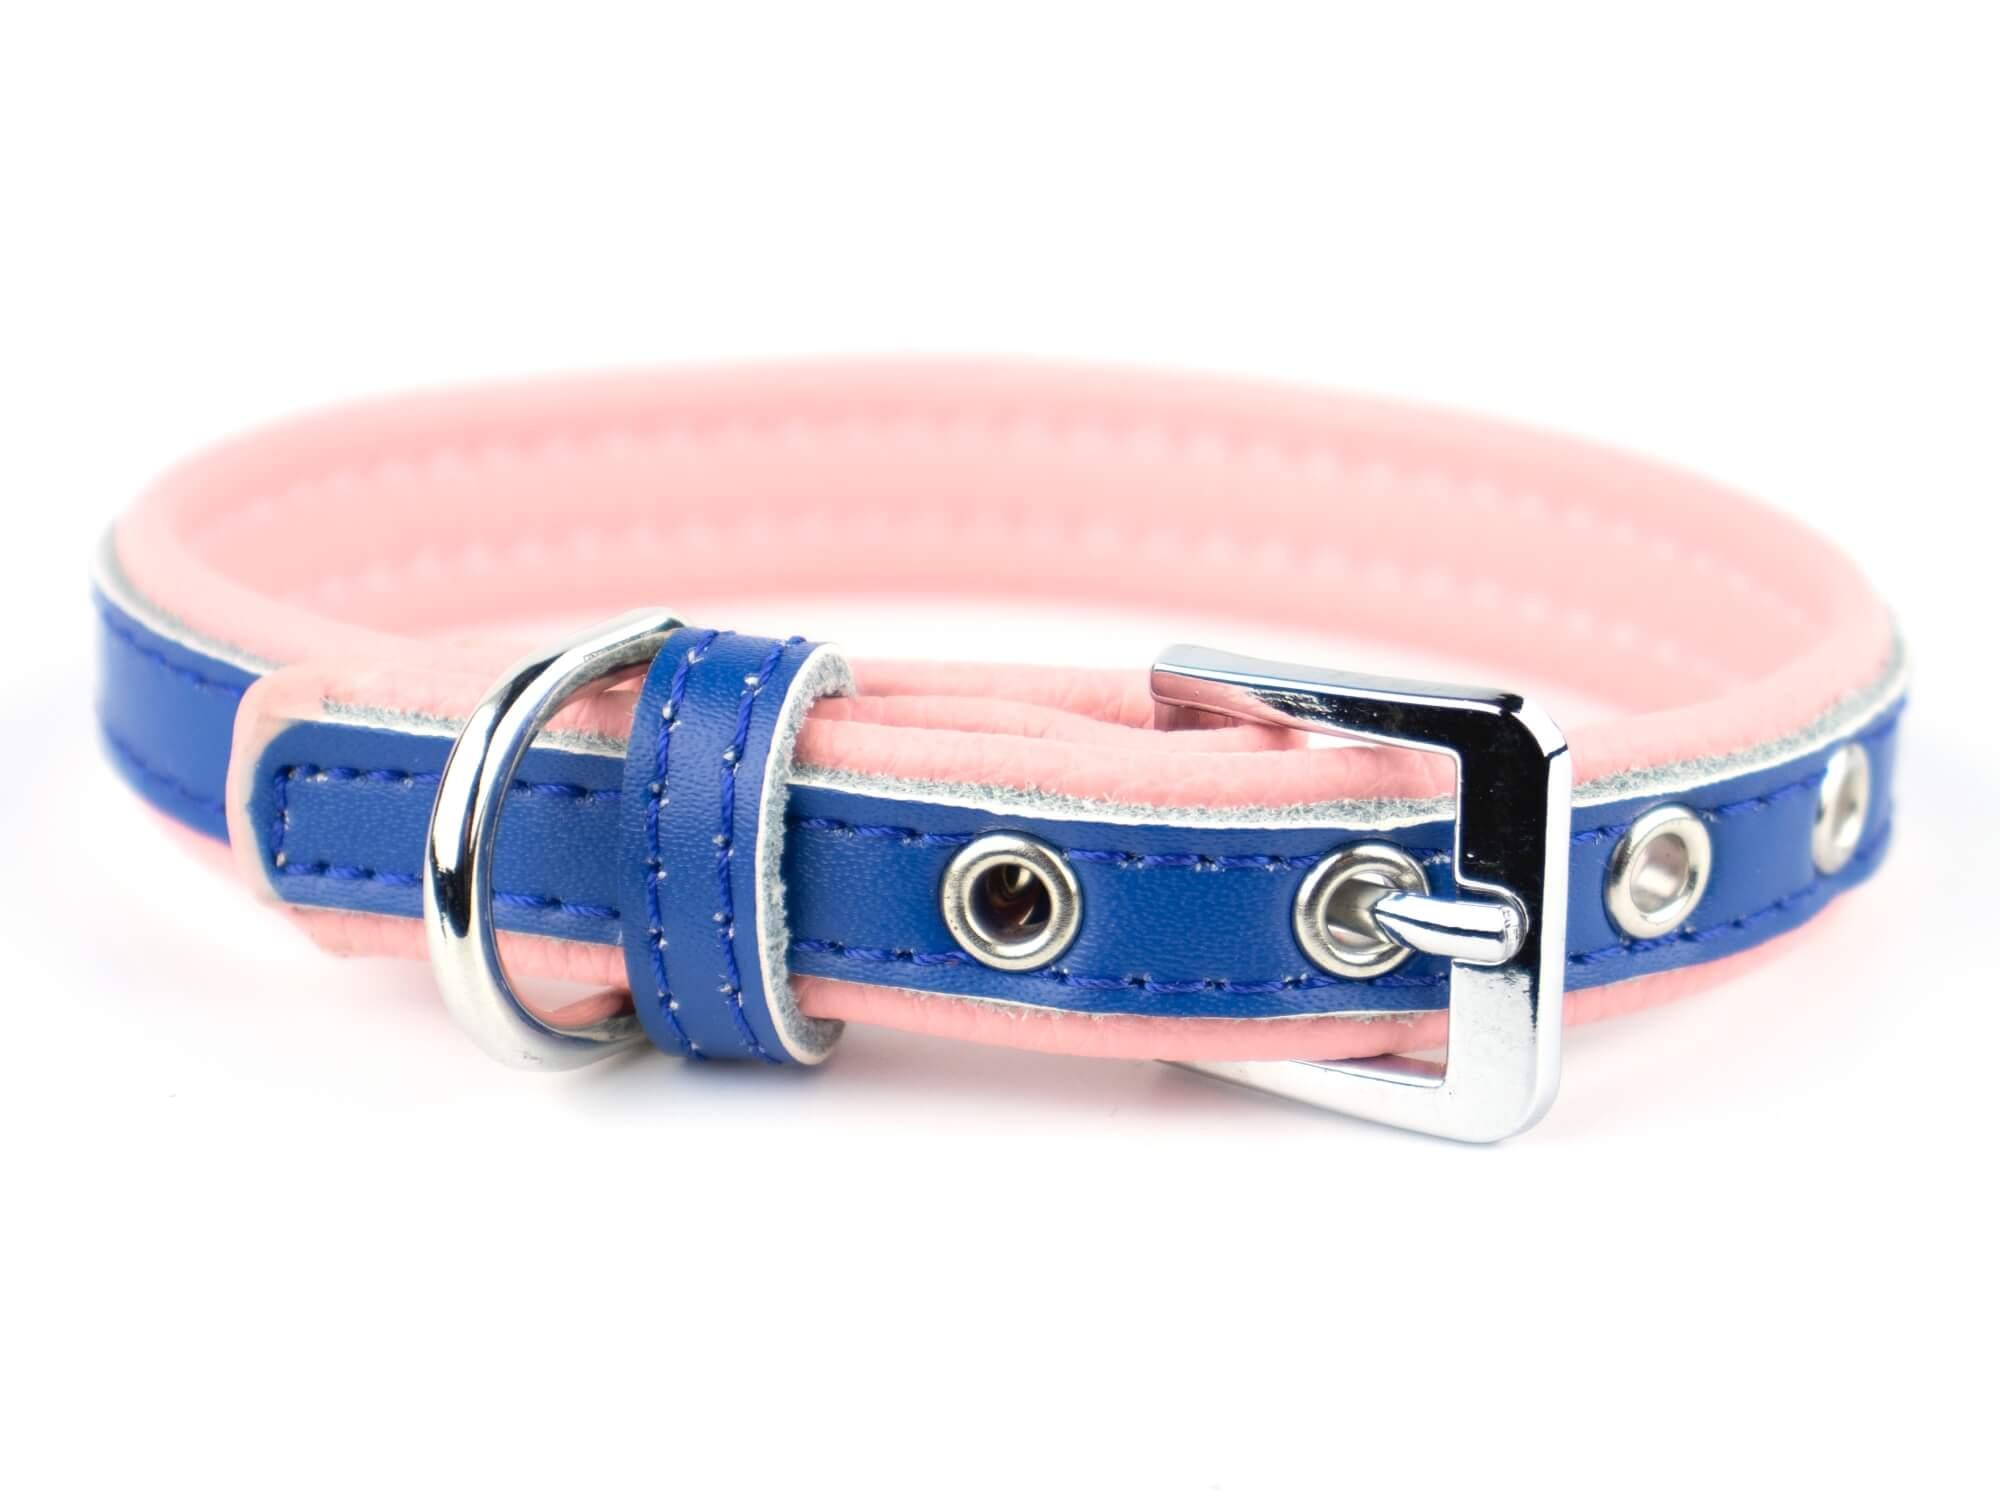 Vsepropejska Rose obojek pro psa | 22 - 34 cm Barva: Modro-růžová, Obvod krku: 27 - 34 cm